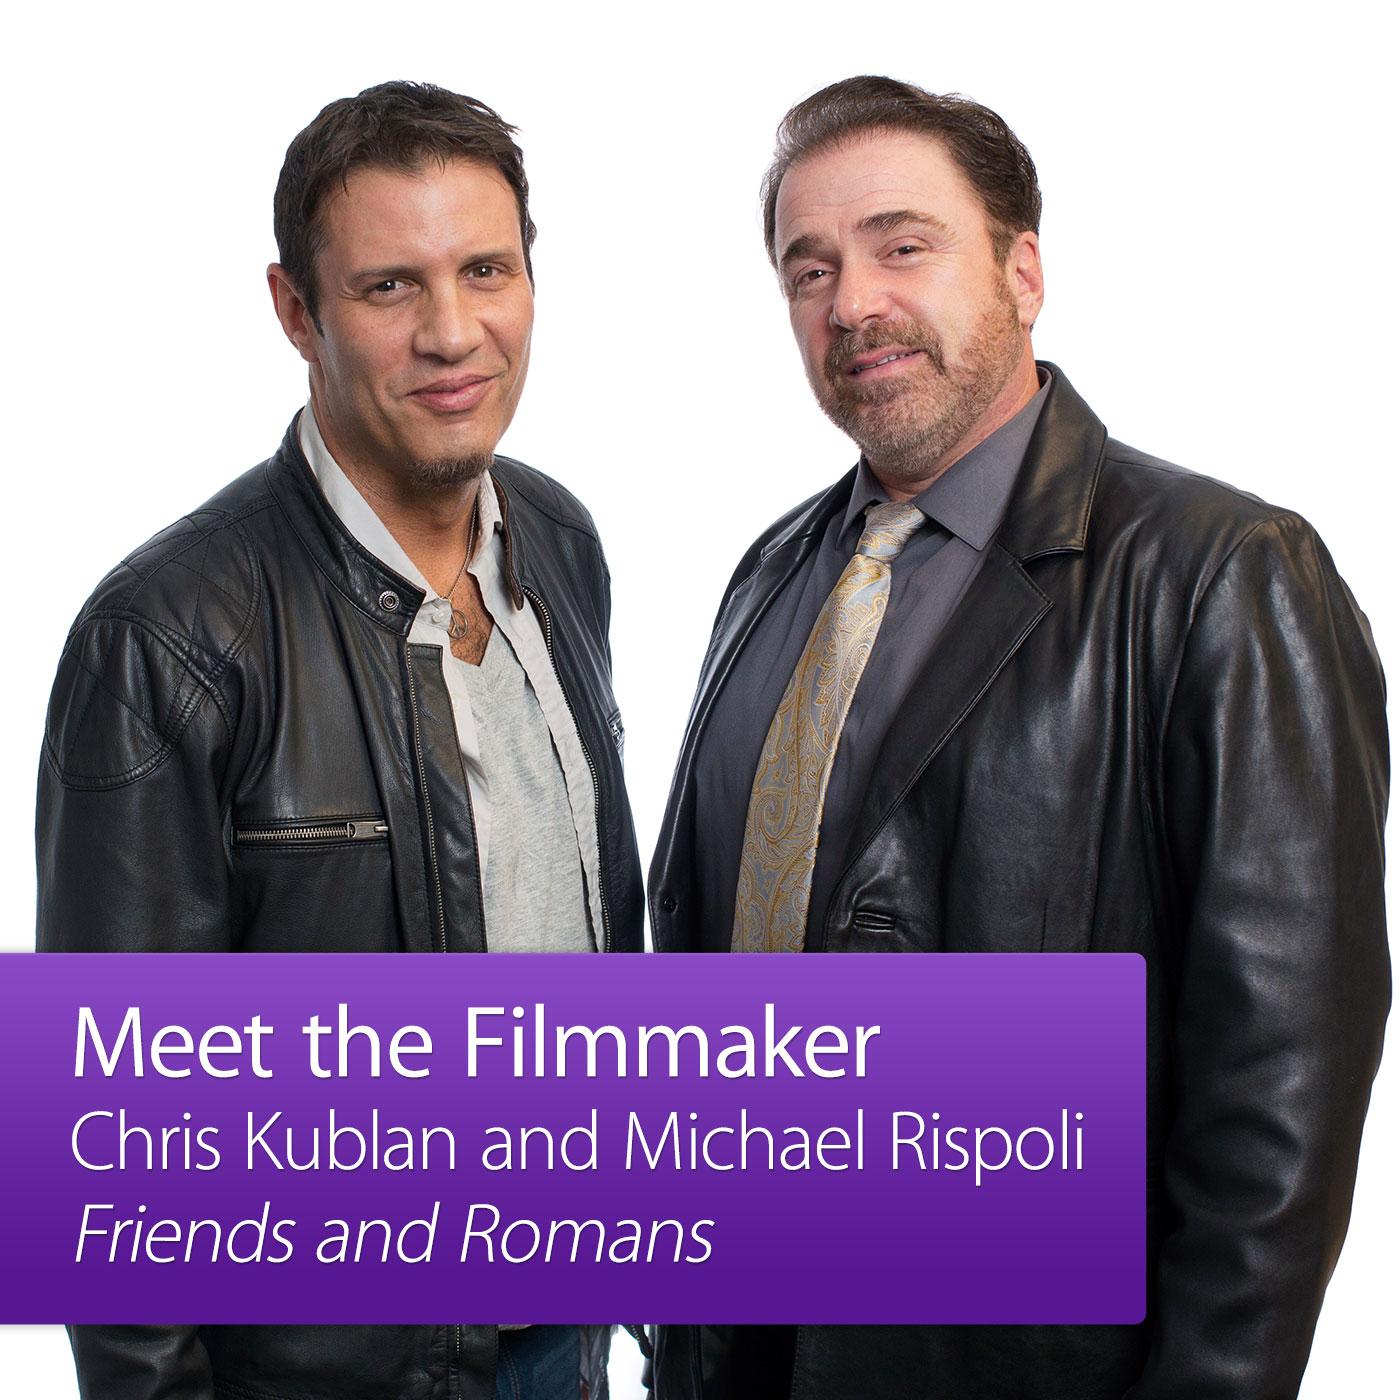 Friends and Romans: Meet the Filmmaker